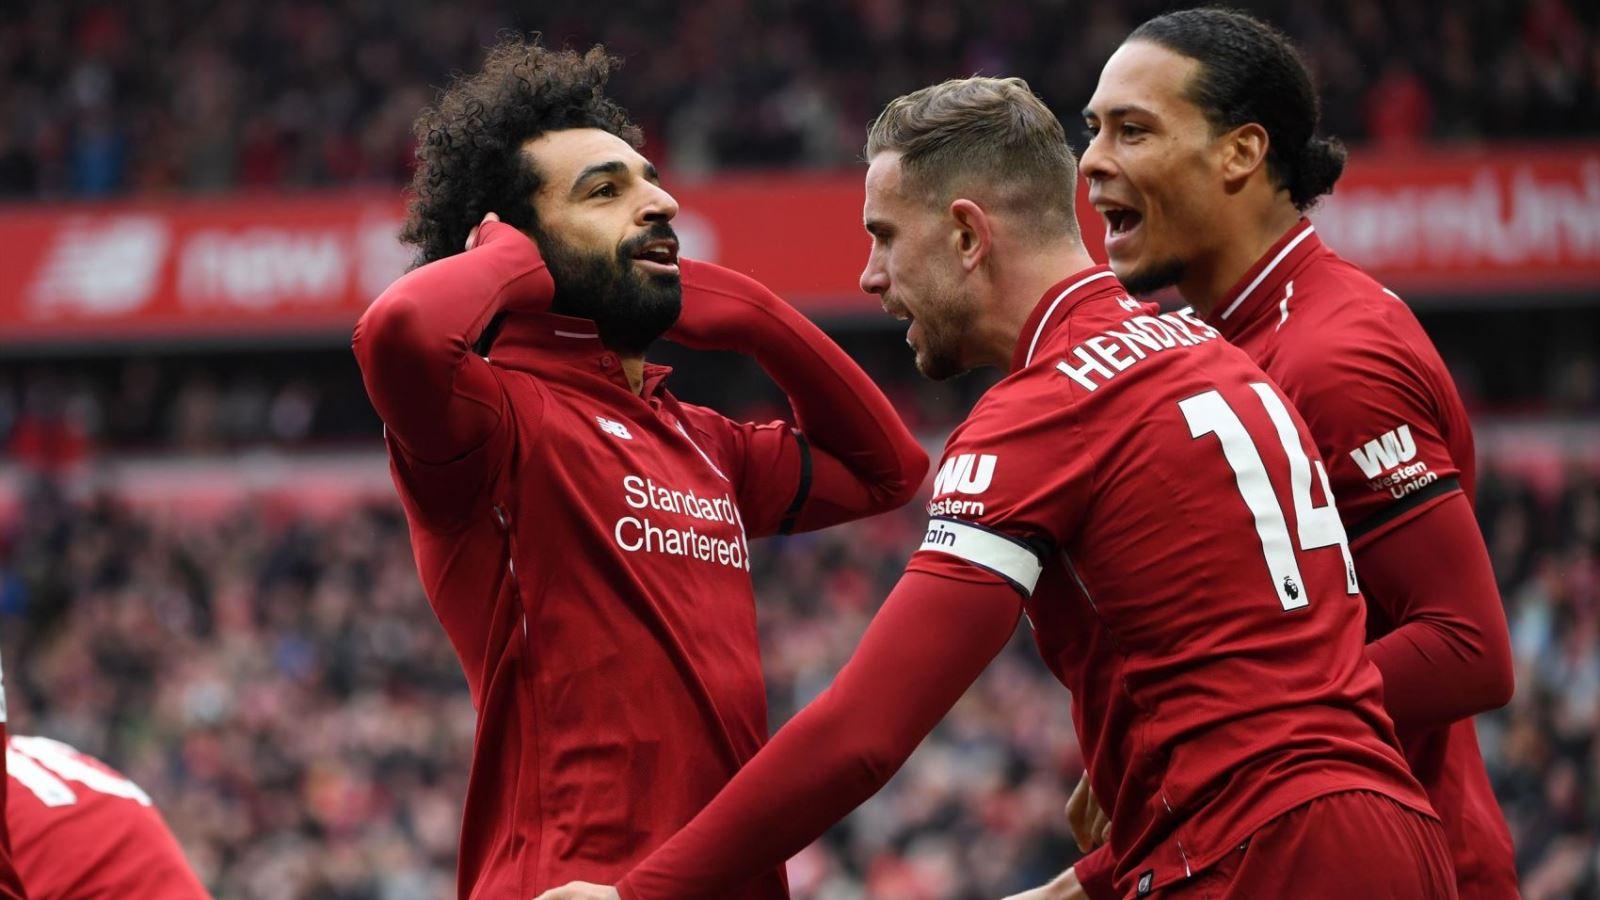 Niềm vui của các cầu thủ Liverpool. Ảnh: Eurosport